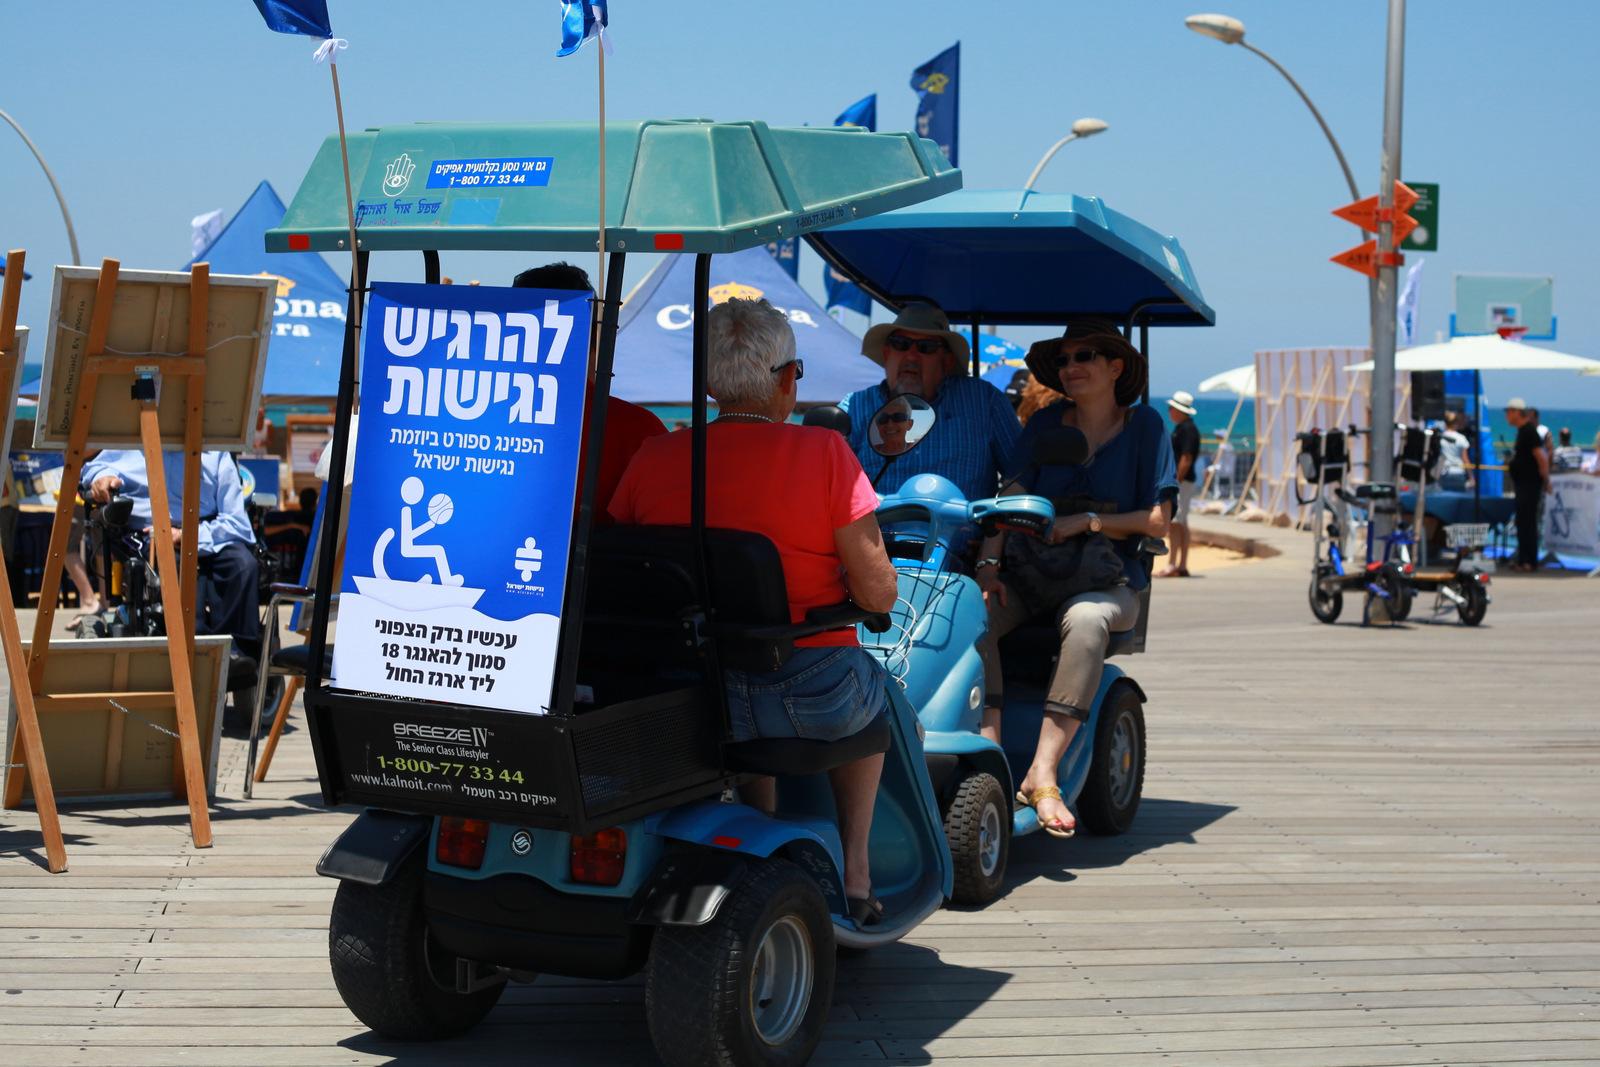 קלנועיות מסתובבות בין התחנות בנמל